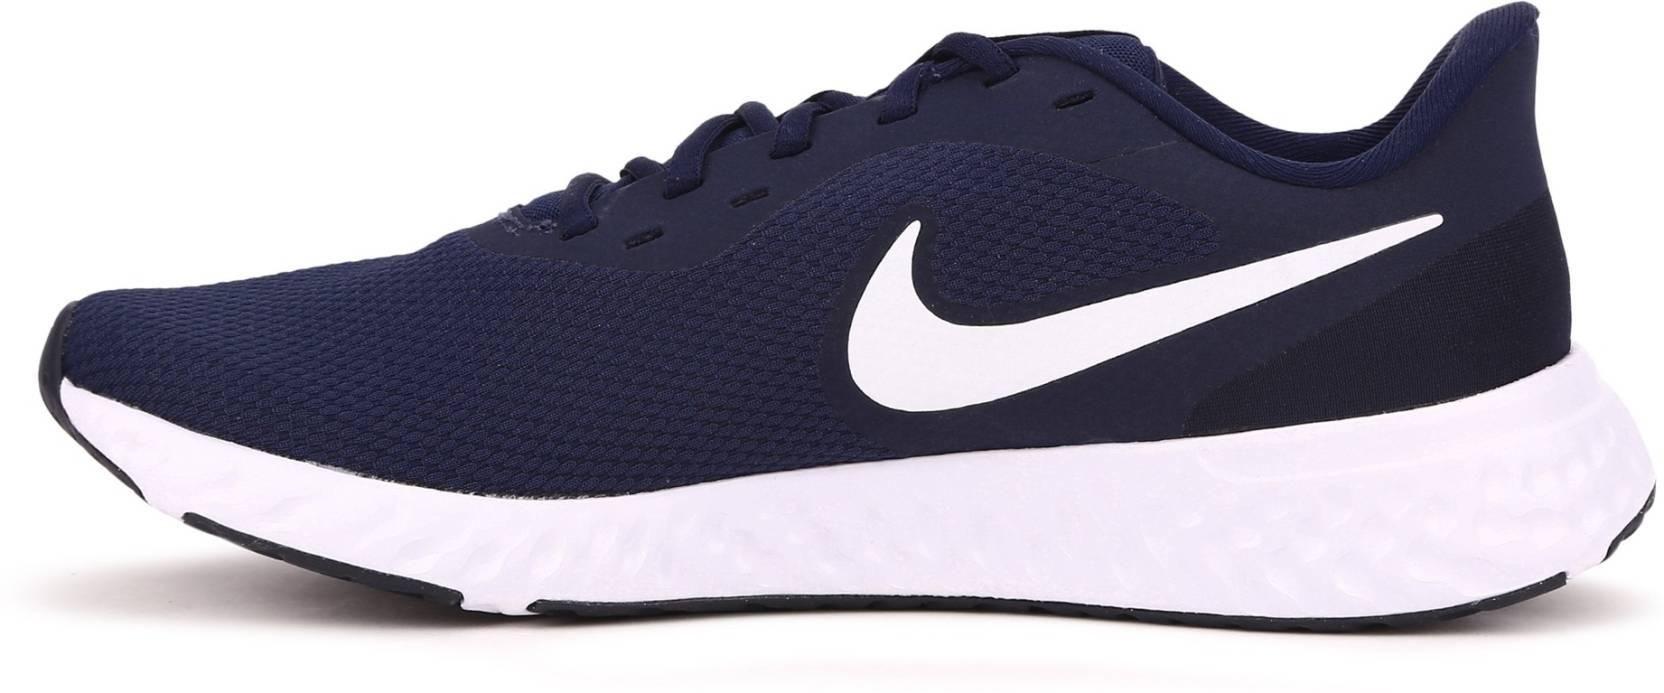 NikeREVOLUTION 5 Running Shoes For Men